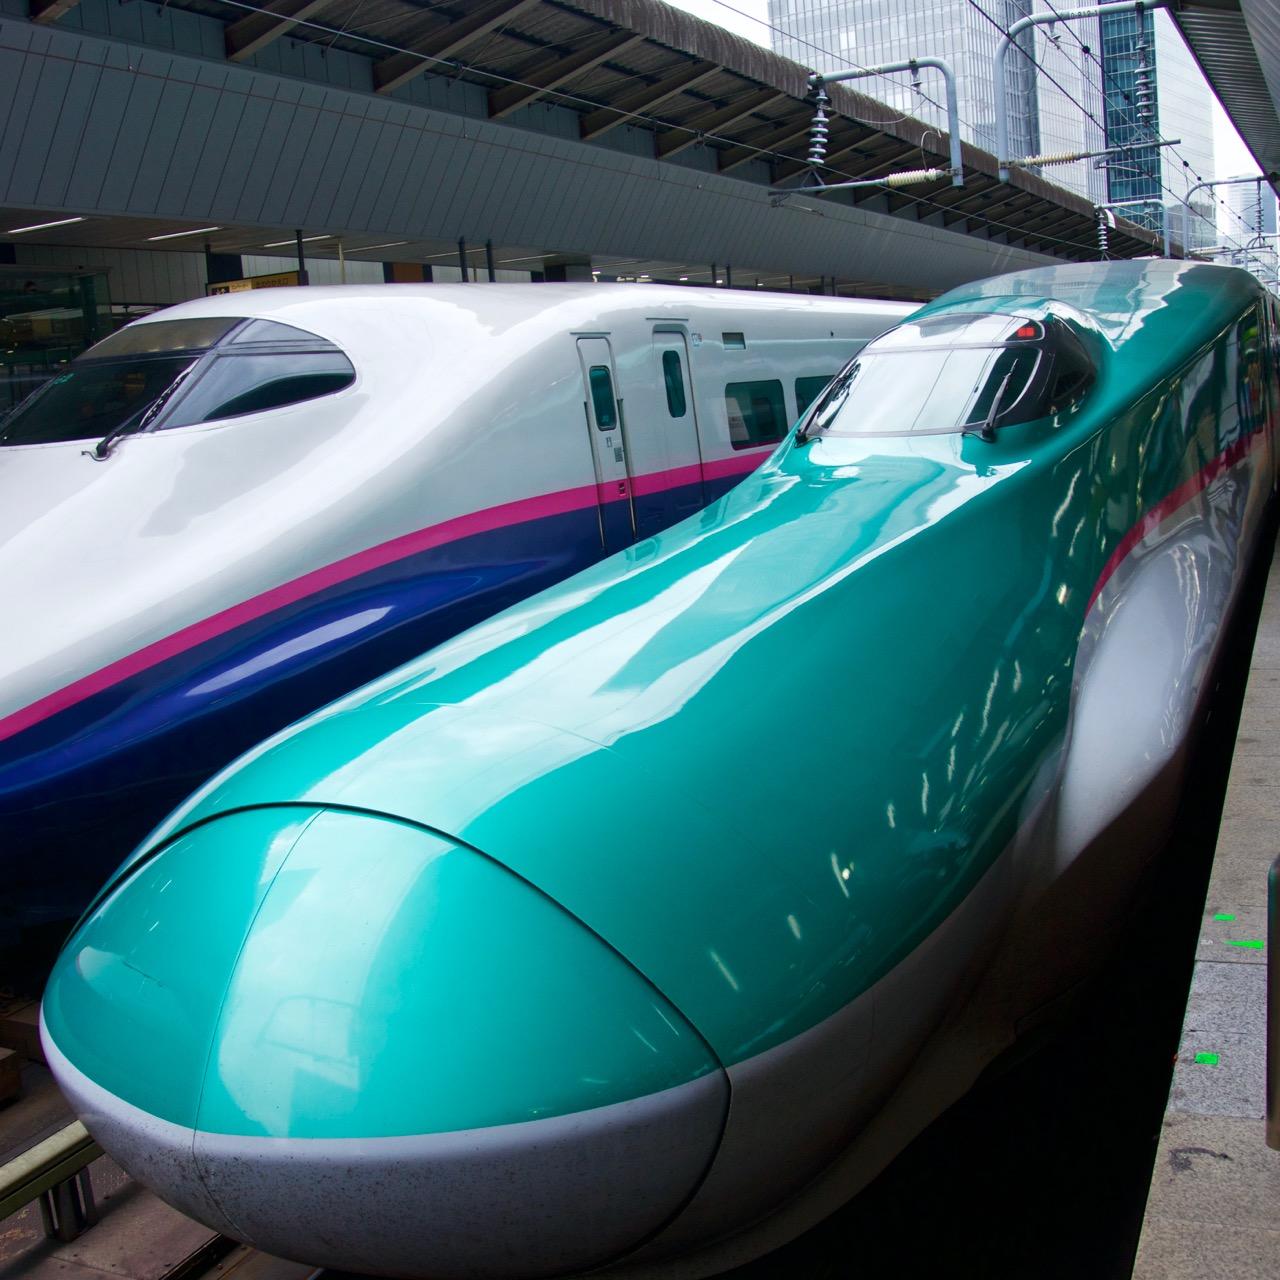 新幹線 クラス 東北 グラン 【グランクラス】にお得に乗る方法!(東北新幹線:東京~仙台)